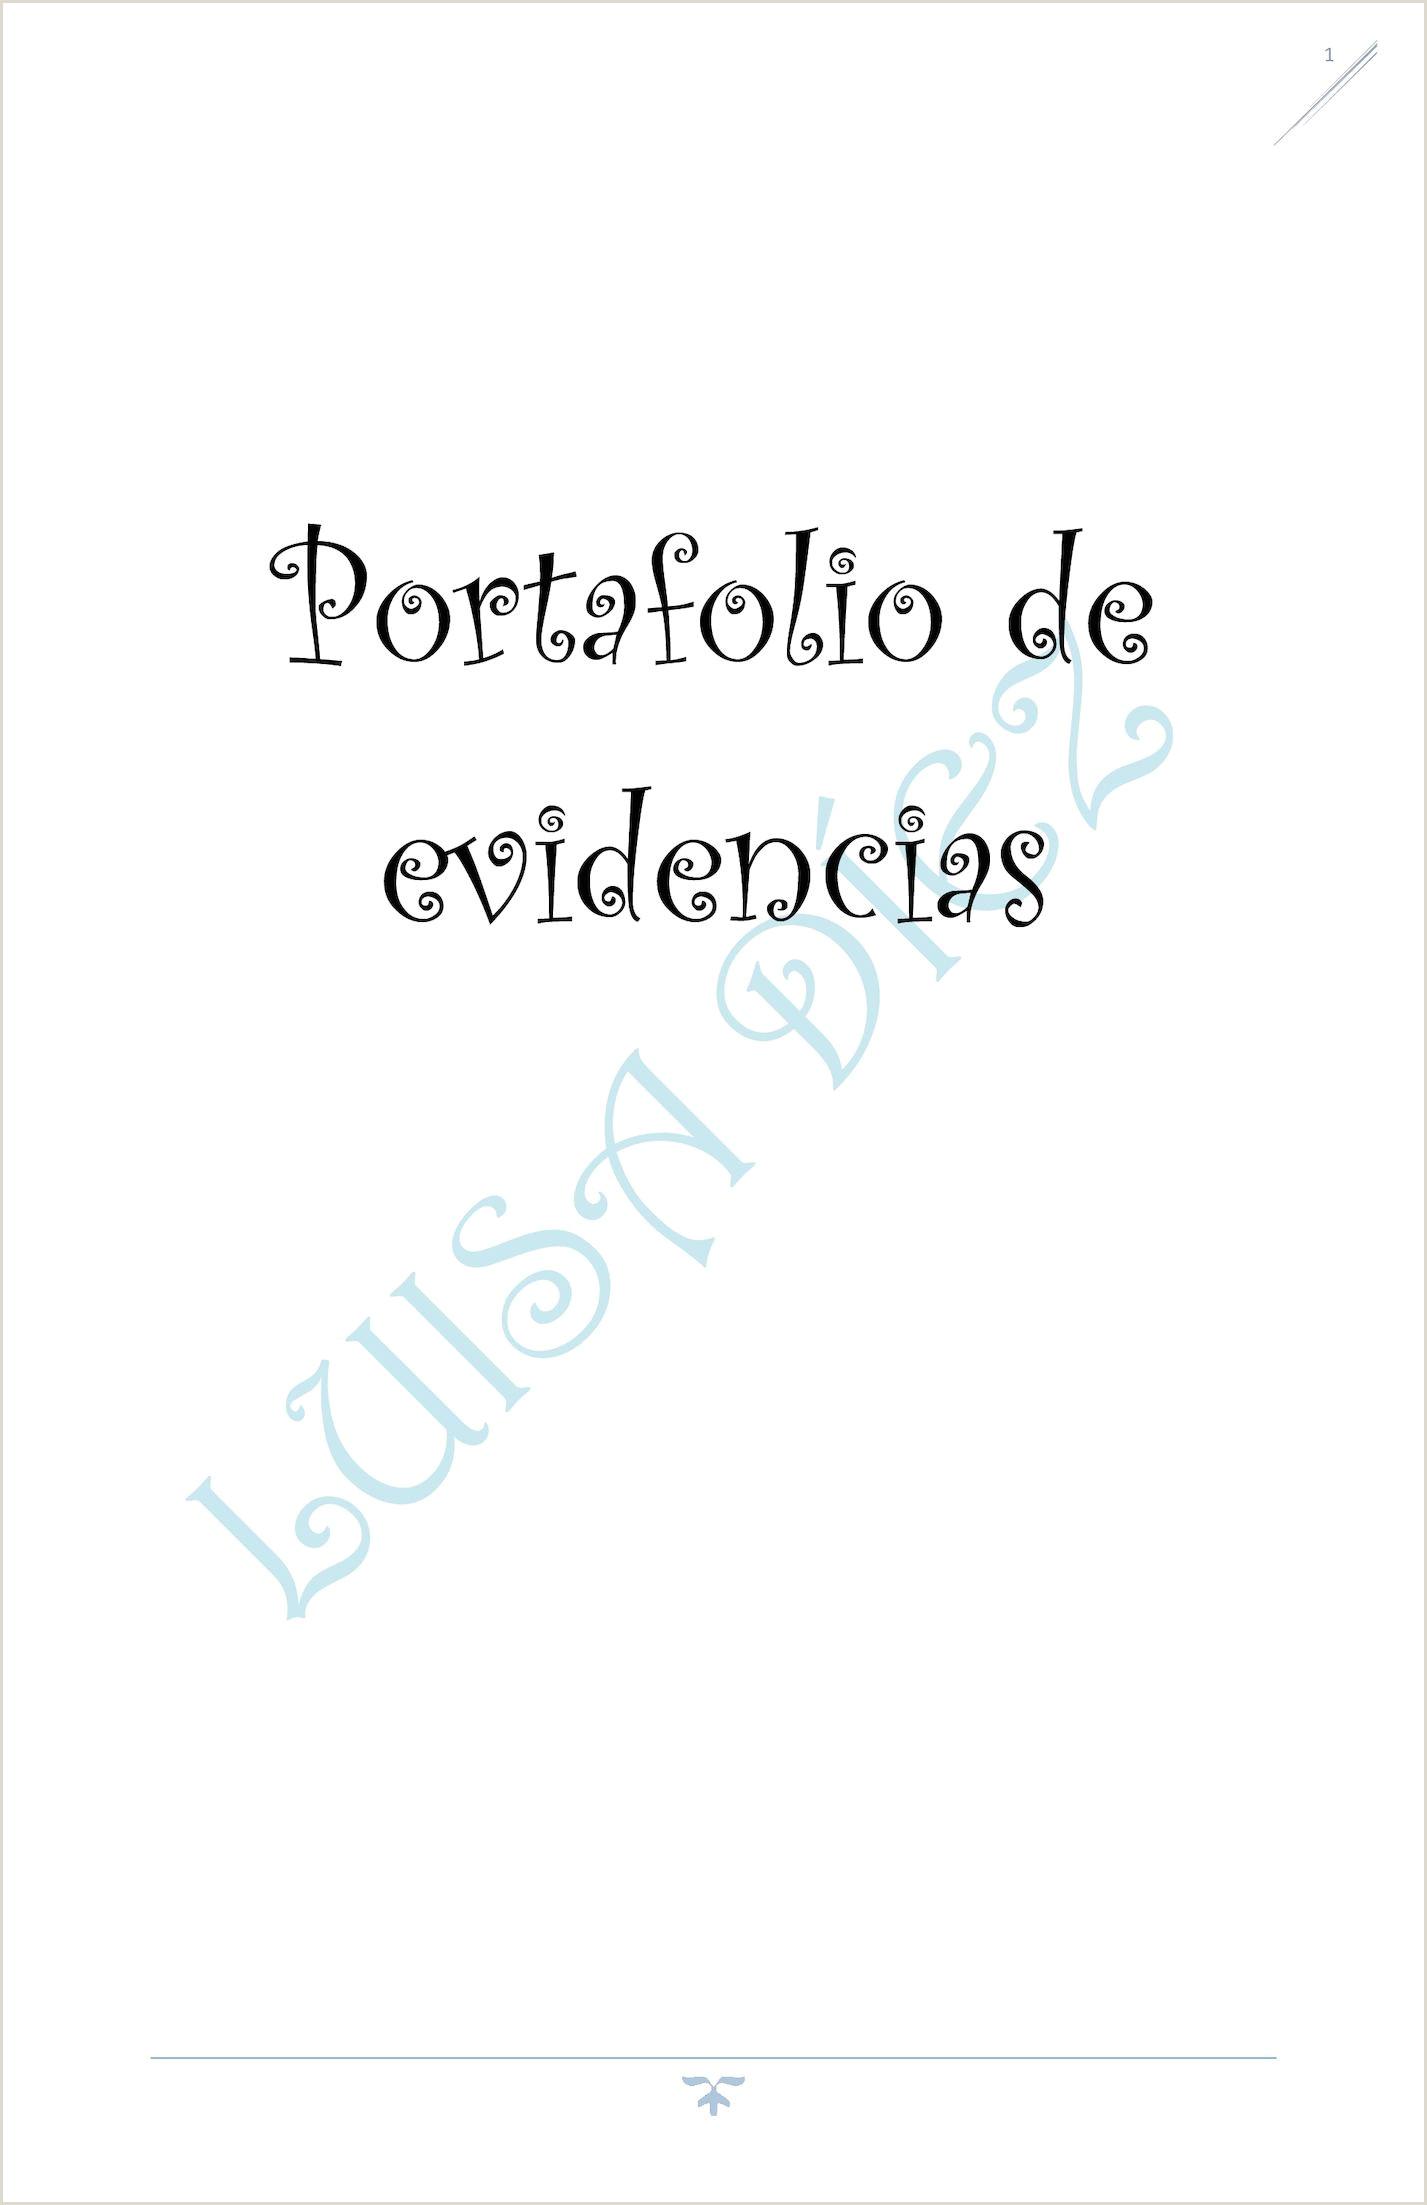 Formato Unico Hoja De Vida Cnsc.gov.co Calaméo Portafolio De Evidencias Segundo Semestre